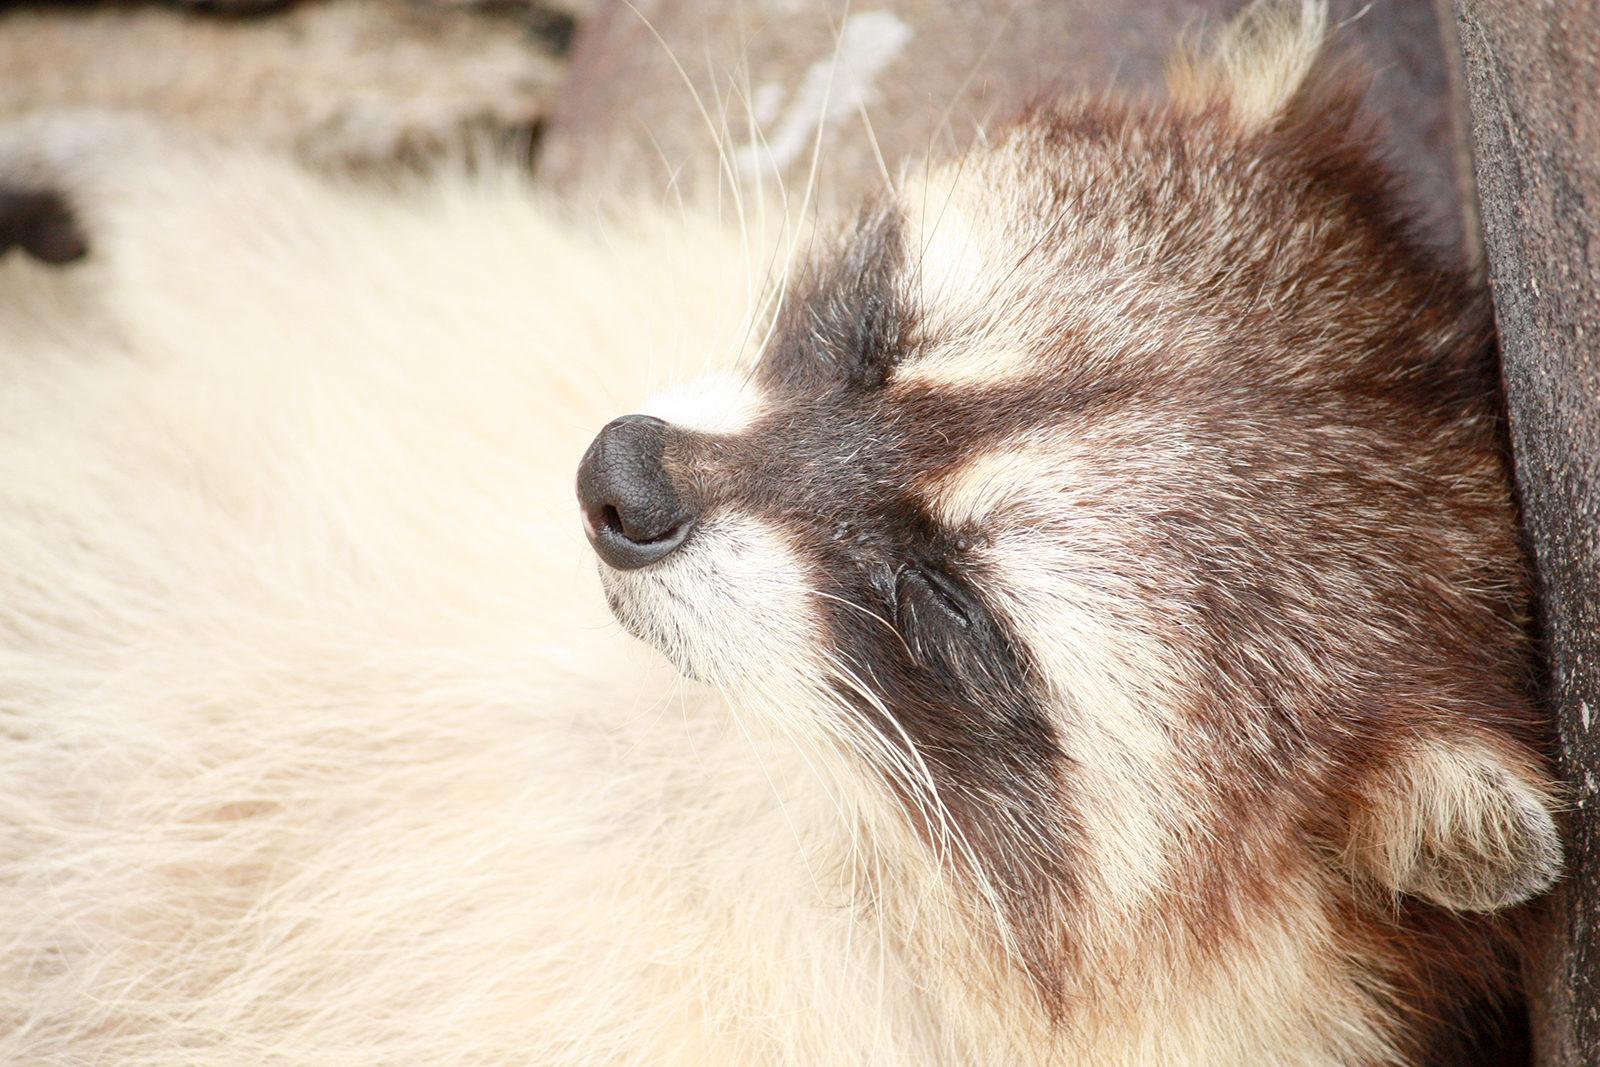 昼寝中のアライグマの顔アップ02